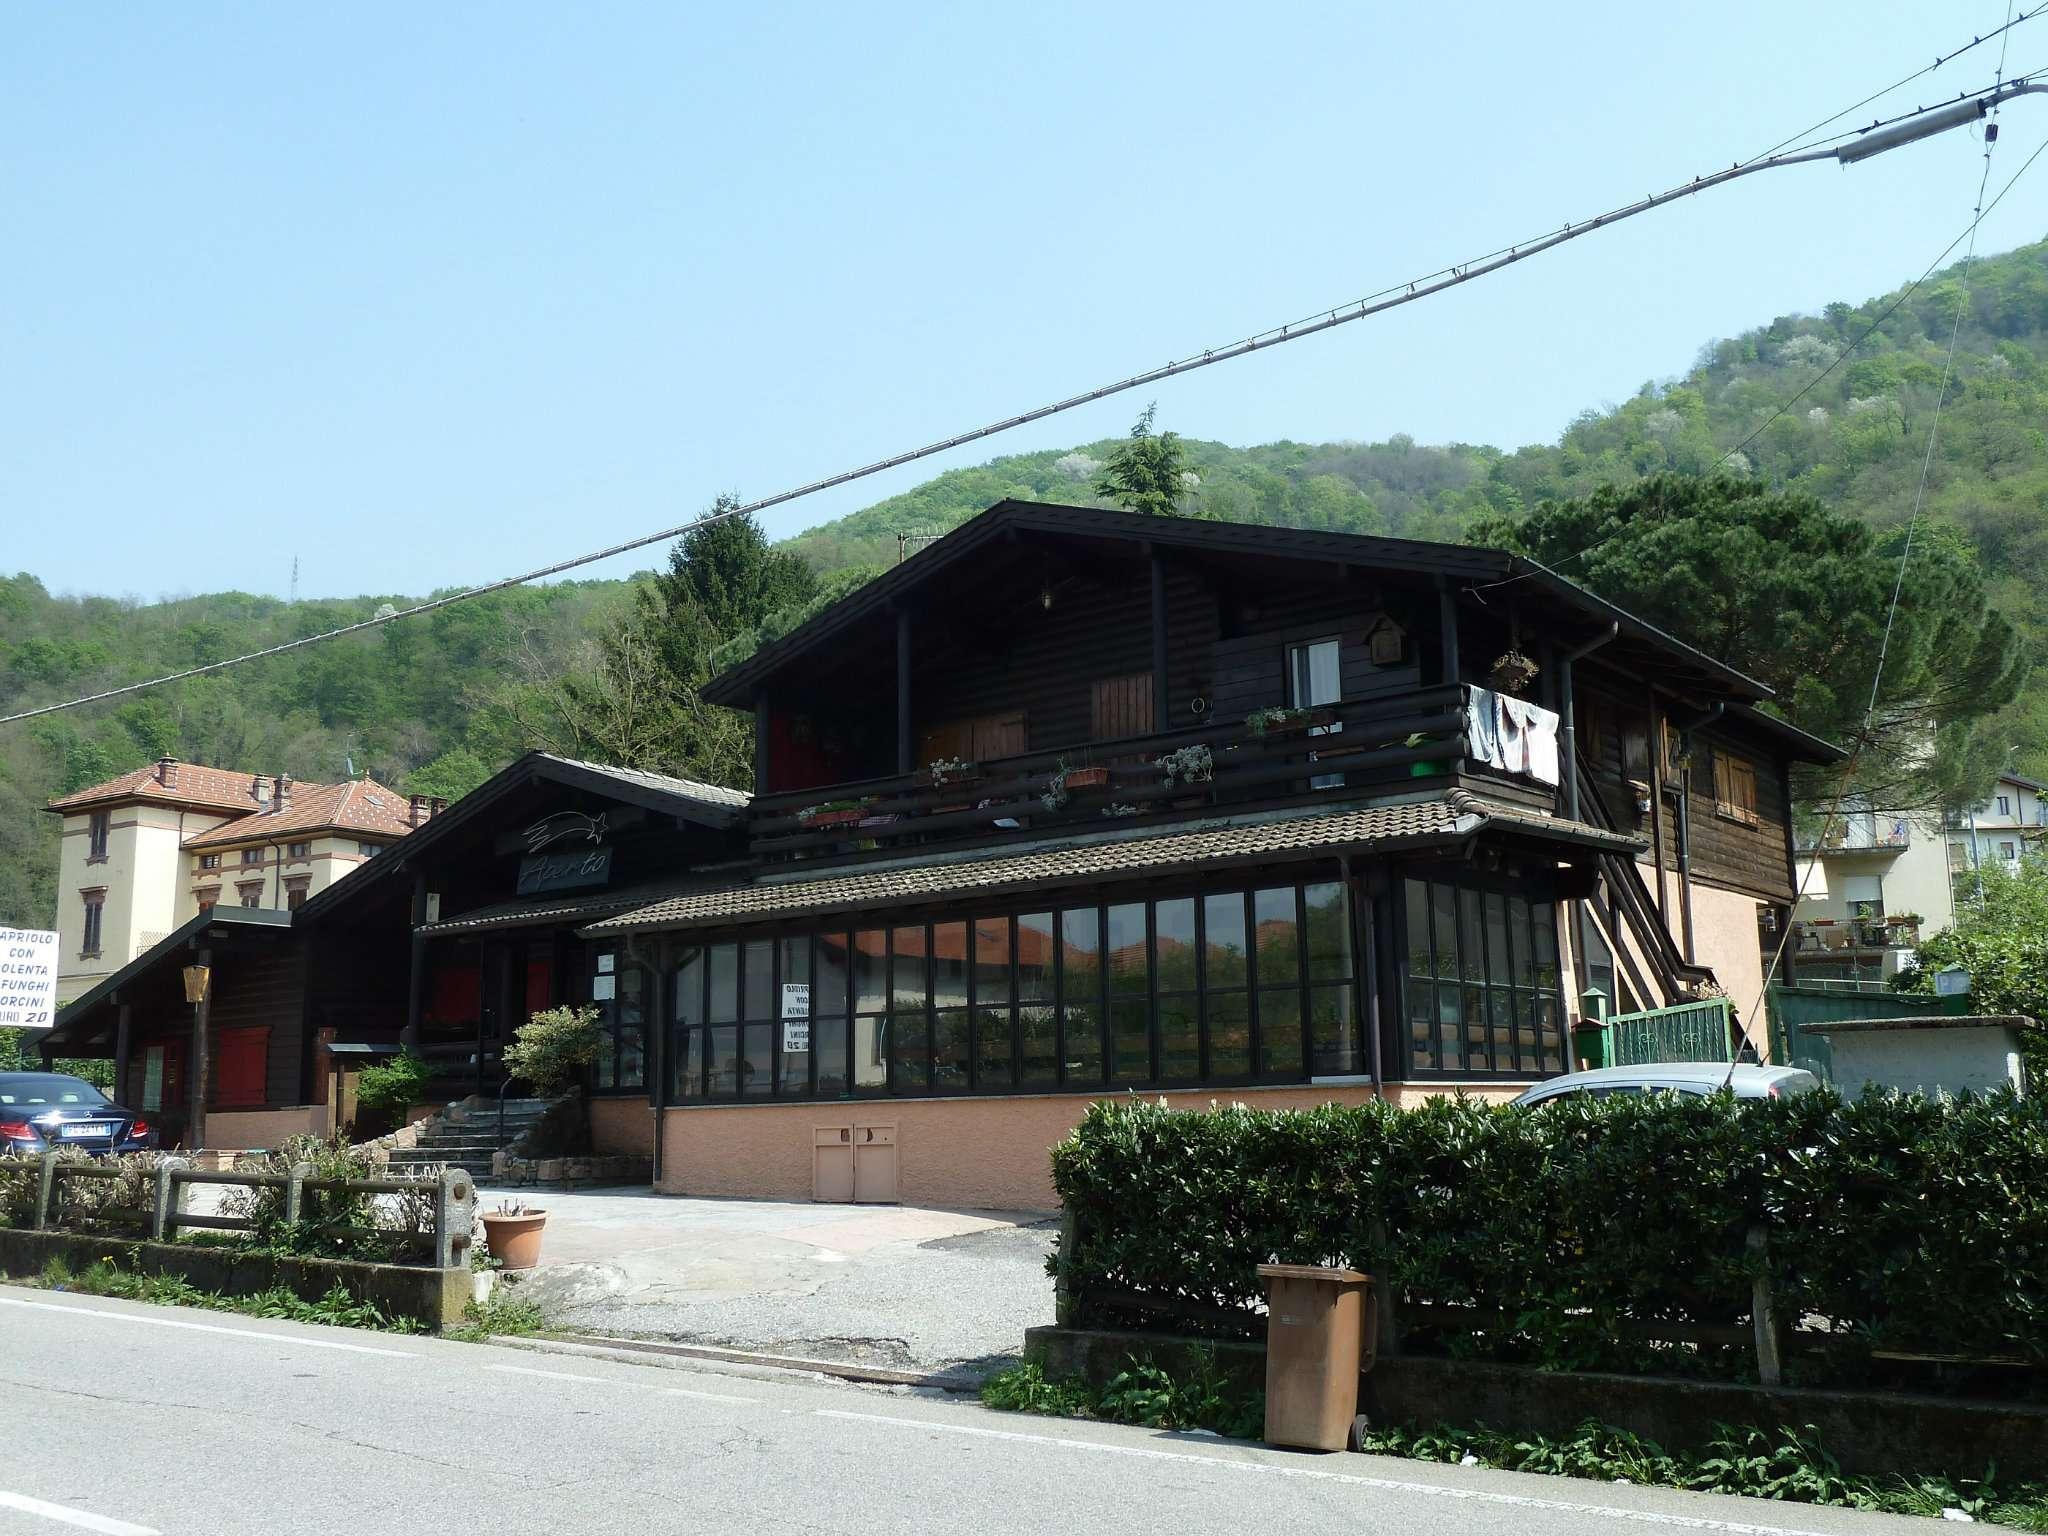 Immobile Commerciale in vendita a Porto Ceresio, 9999 locali, prezzo € 730.000 | CambioCasa.it